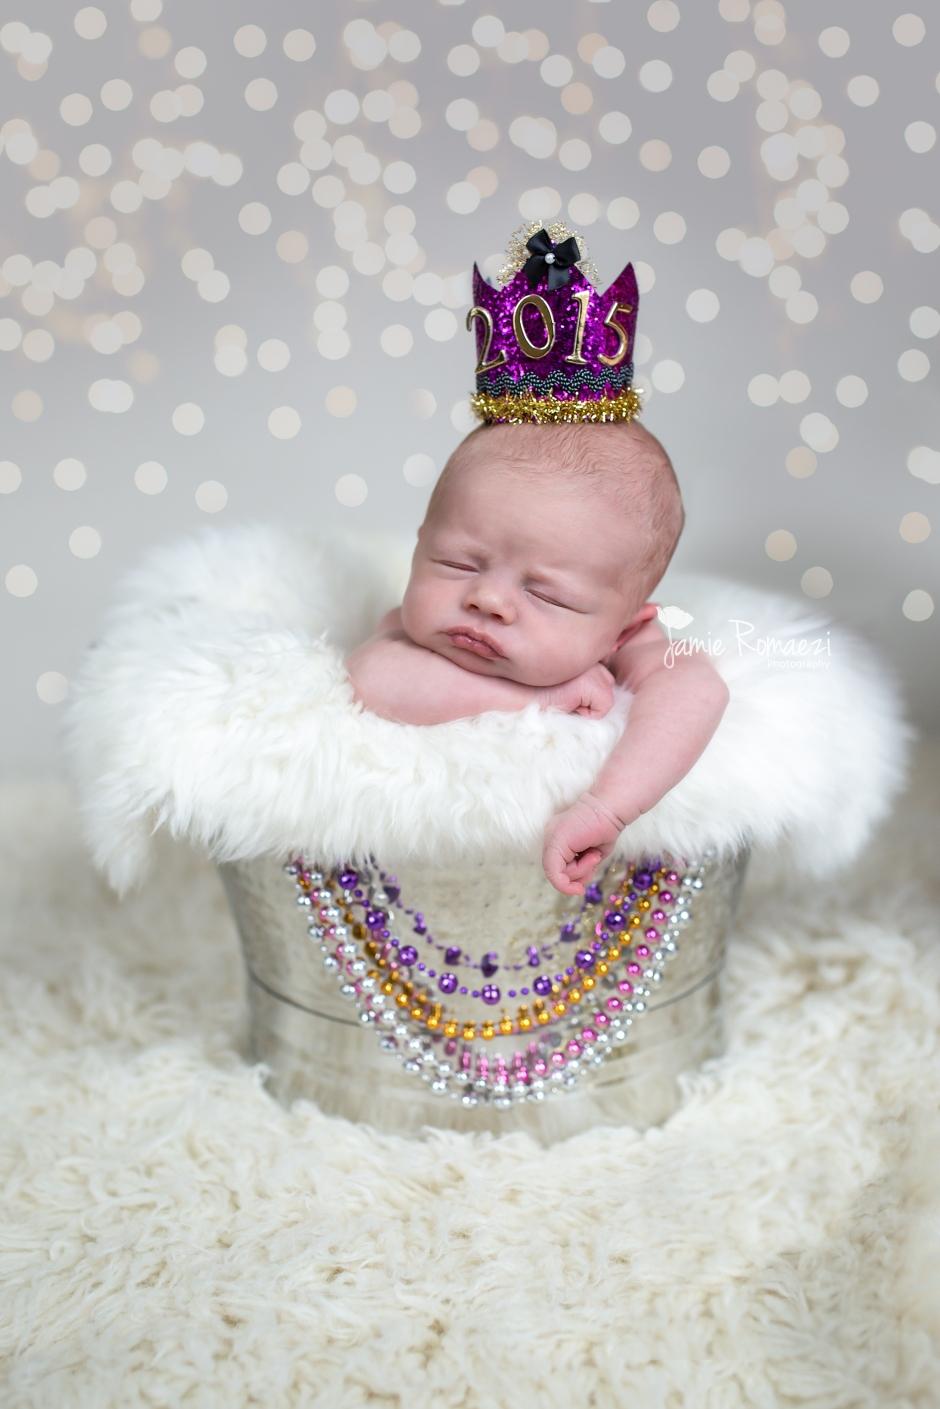 Newborn New Year Photo \ Jamie Romaezi Photography | Northern VA Newborn Photographer